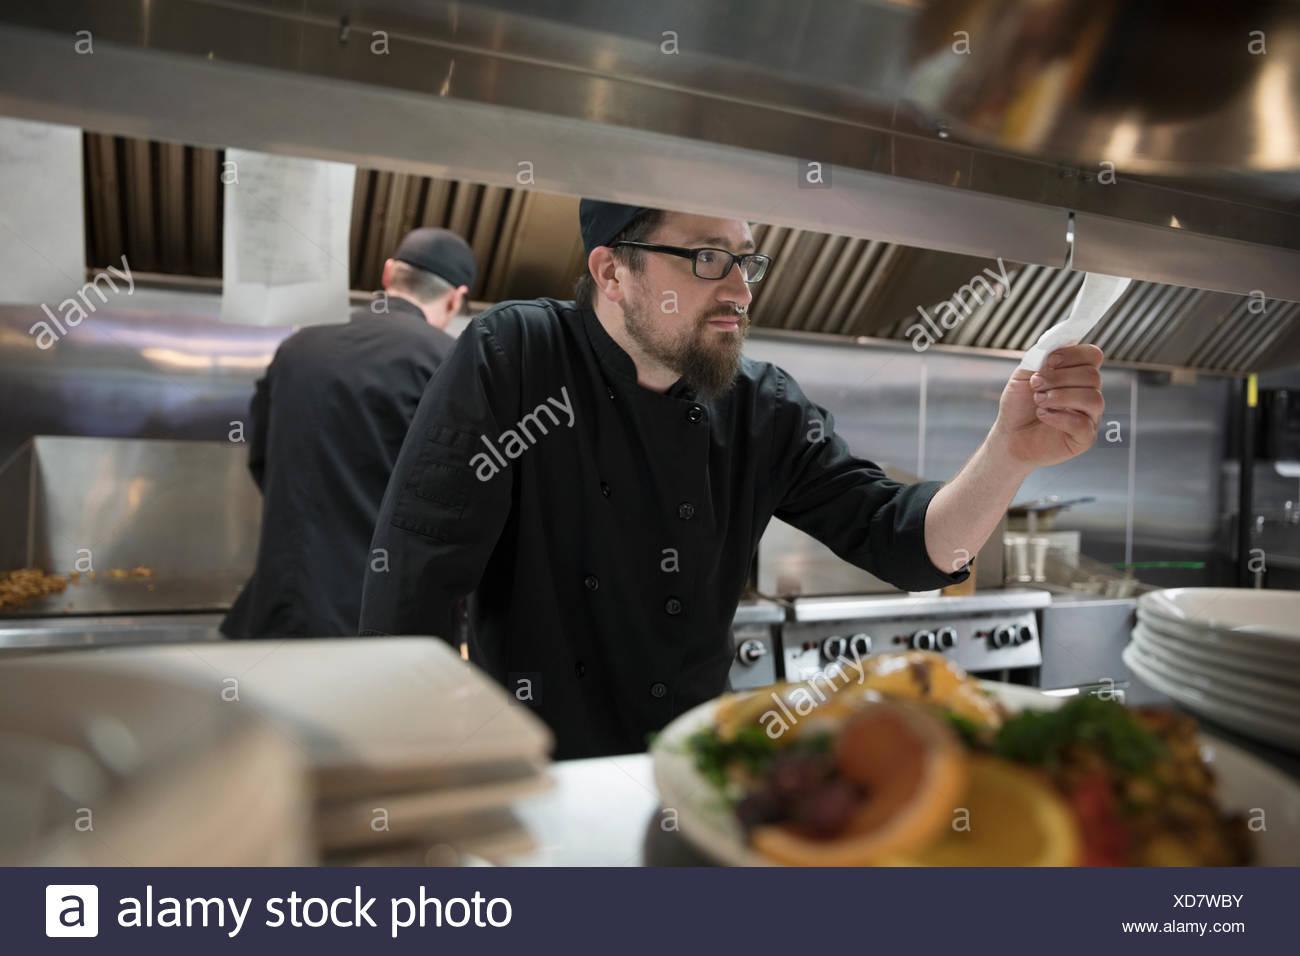 Linie Überprüfung Bestellung, Zubereitung von Speisen im Restaurantküche Kochen Stockbild